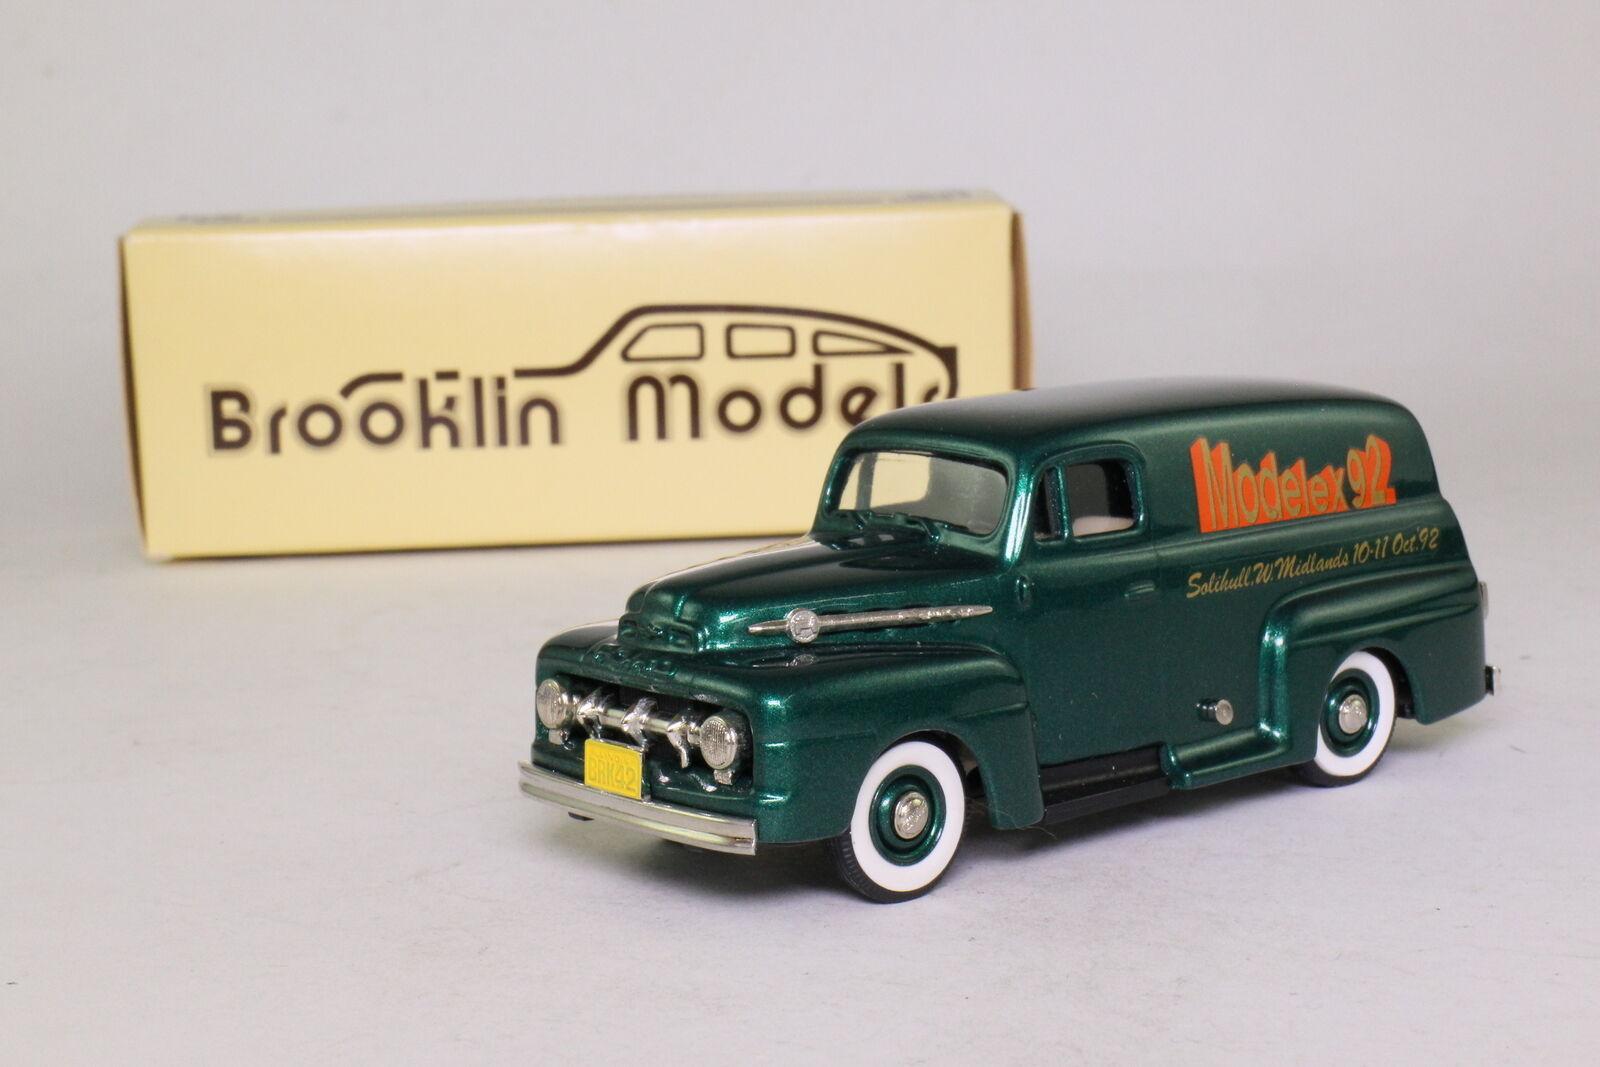 BROOKLIN BRK.42x;  1952 FORD F1 camionnette de livraison; 1992 Modelex; Excellent Boxed  en ligne au meilleur prix